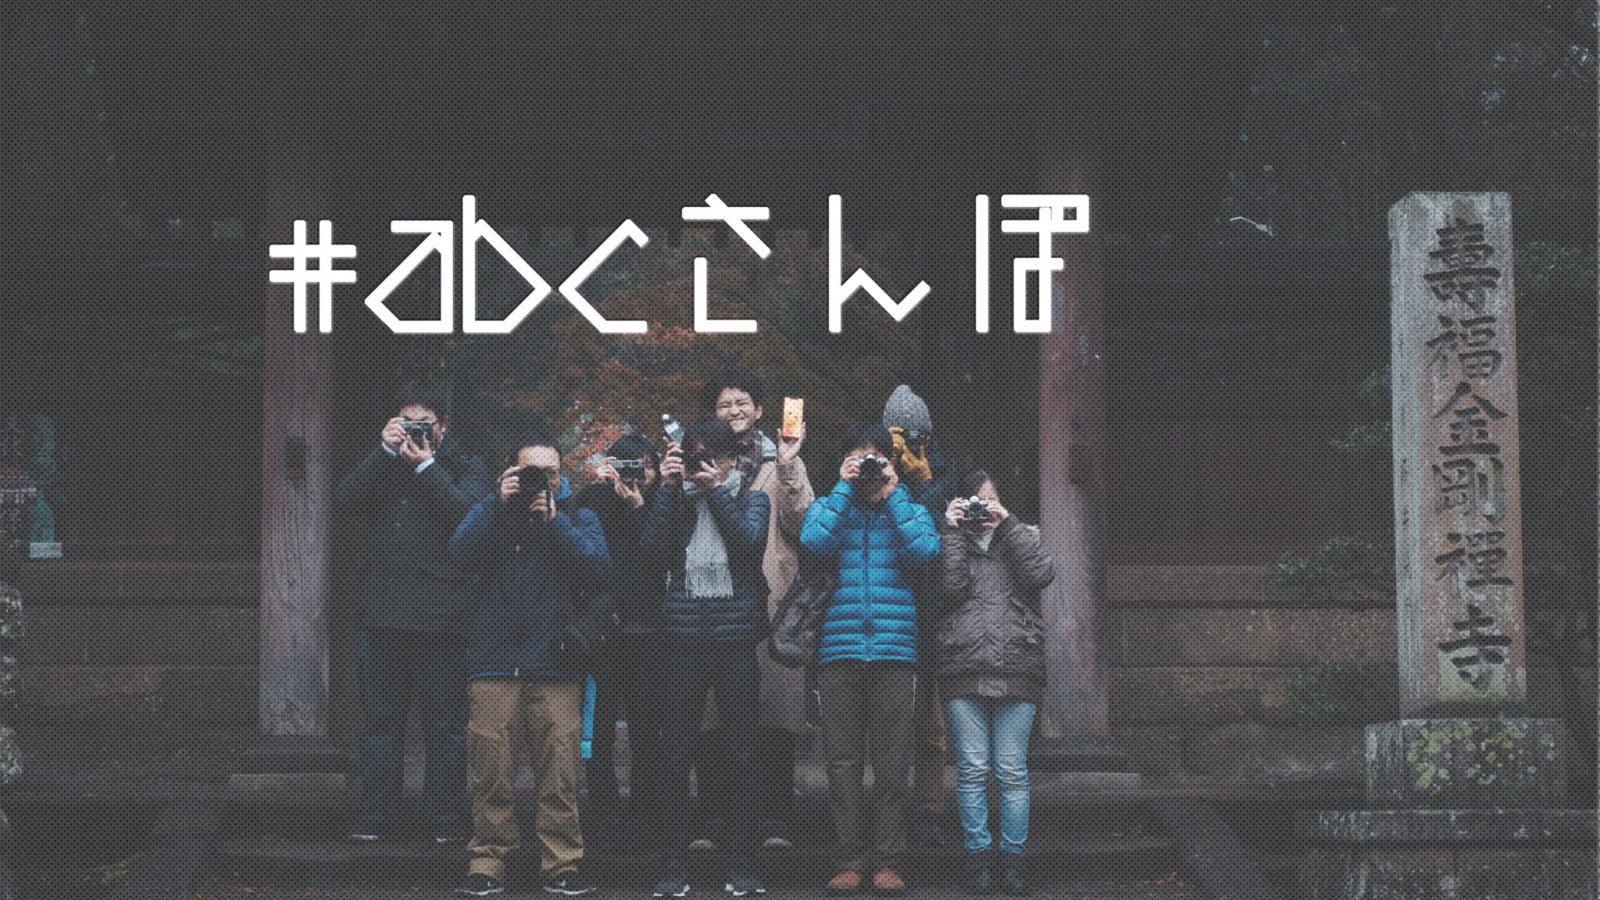 【 #abcさんぽ 】雨の鎌倉と江の島でフォトウォークを開催しました